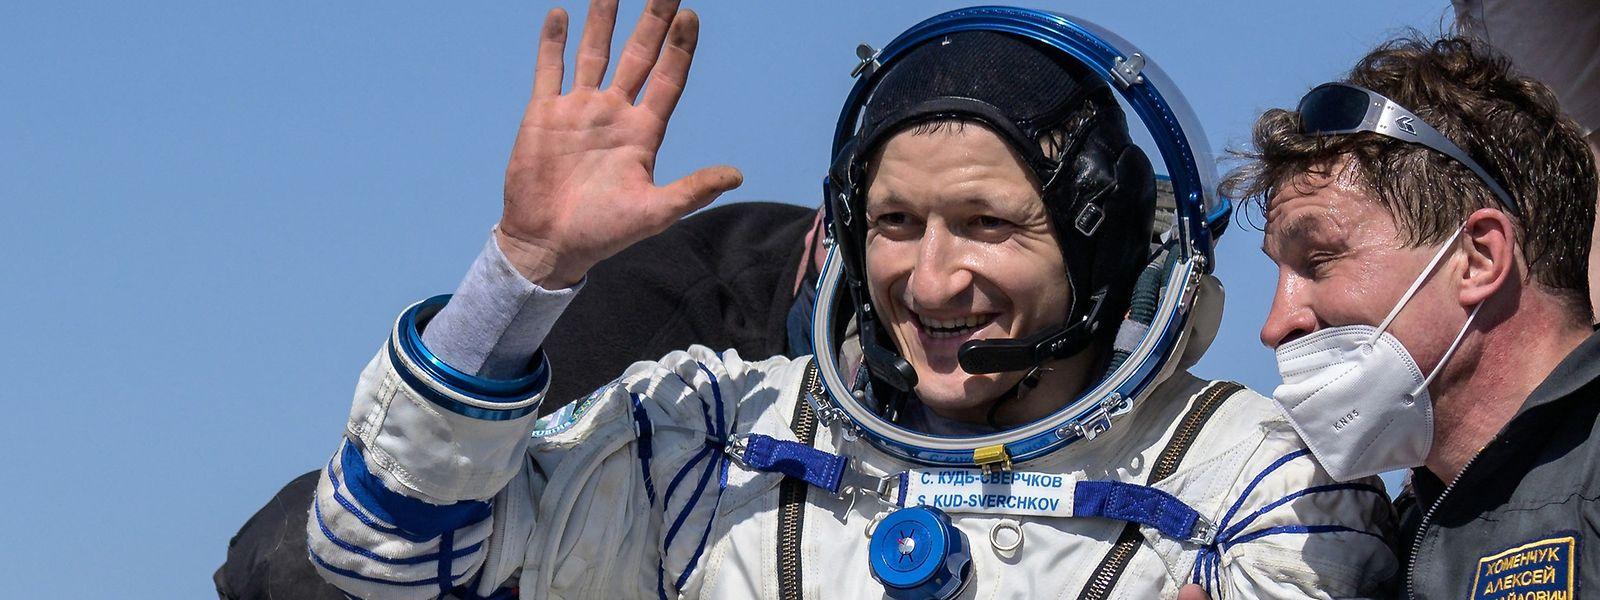 Der russische Kosmonaut Sergej Kud-Swertschkow kurz nach der Landung in der Steppe Kasachstans.